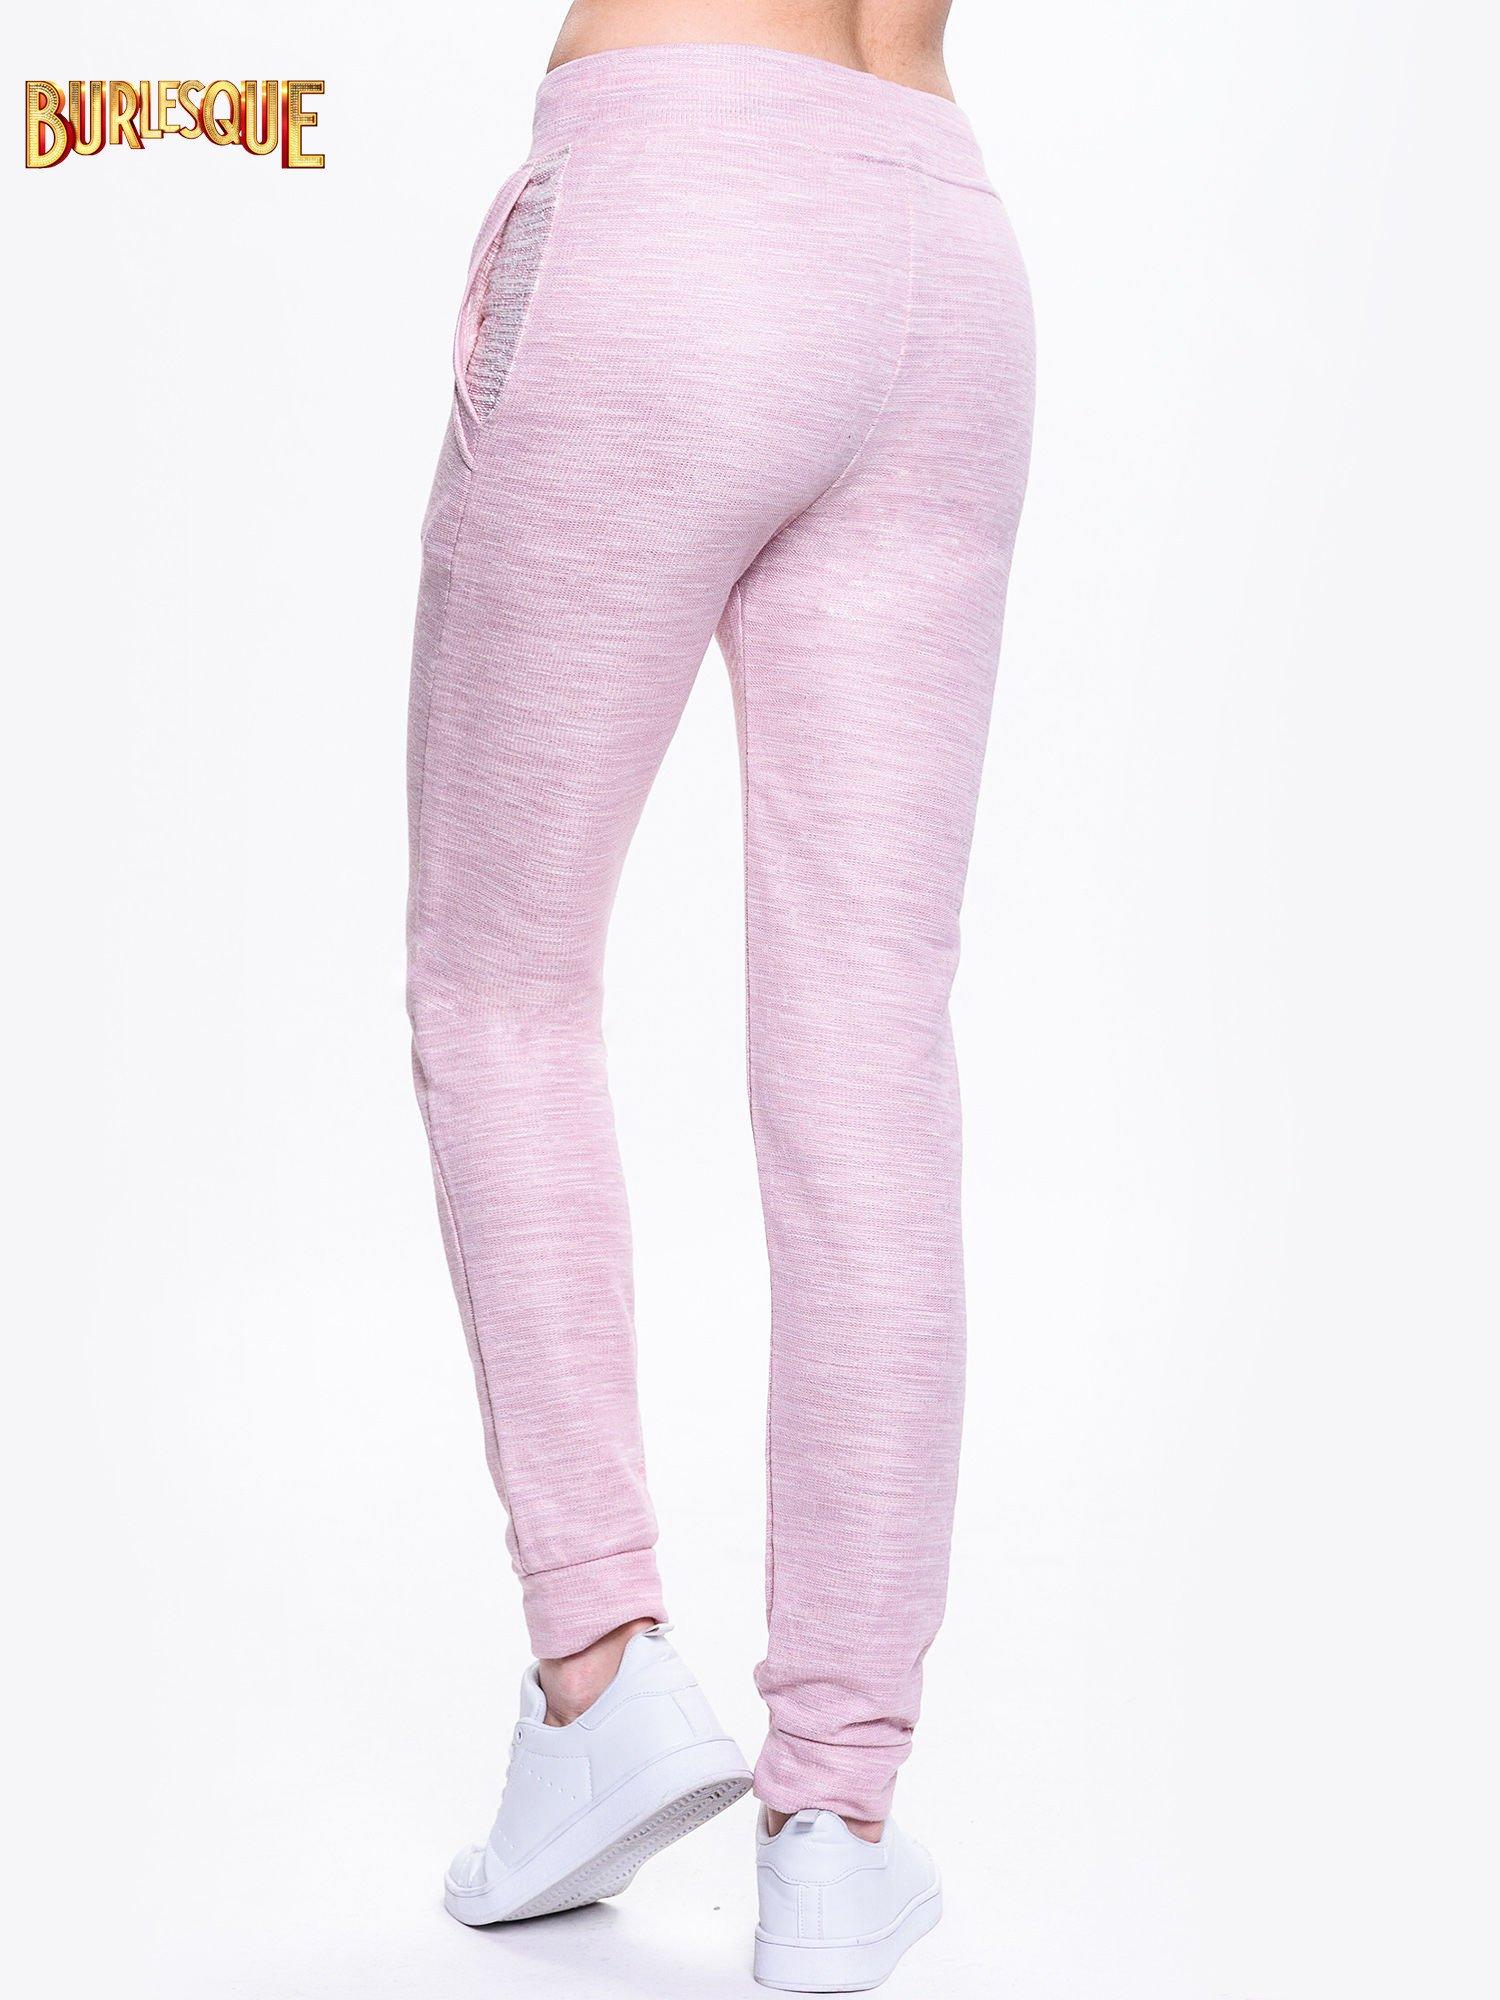 Różowe dresowe spodnie damskie o kroju baggy                                  zdj.                                  4